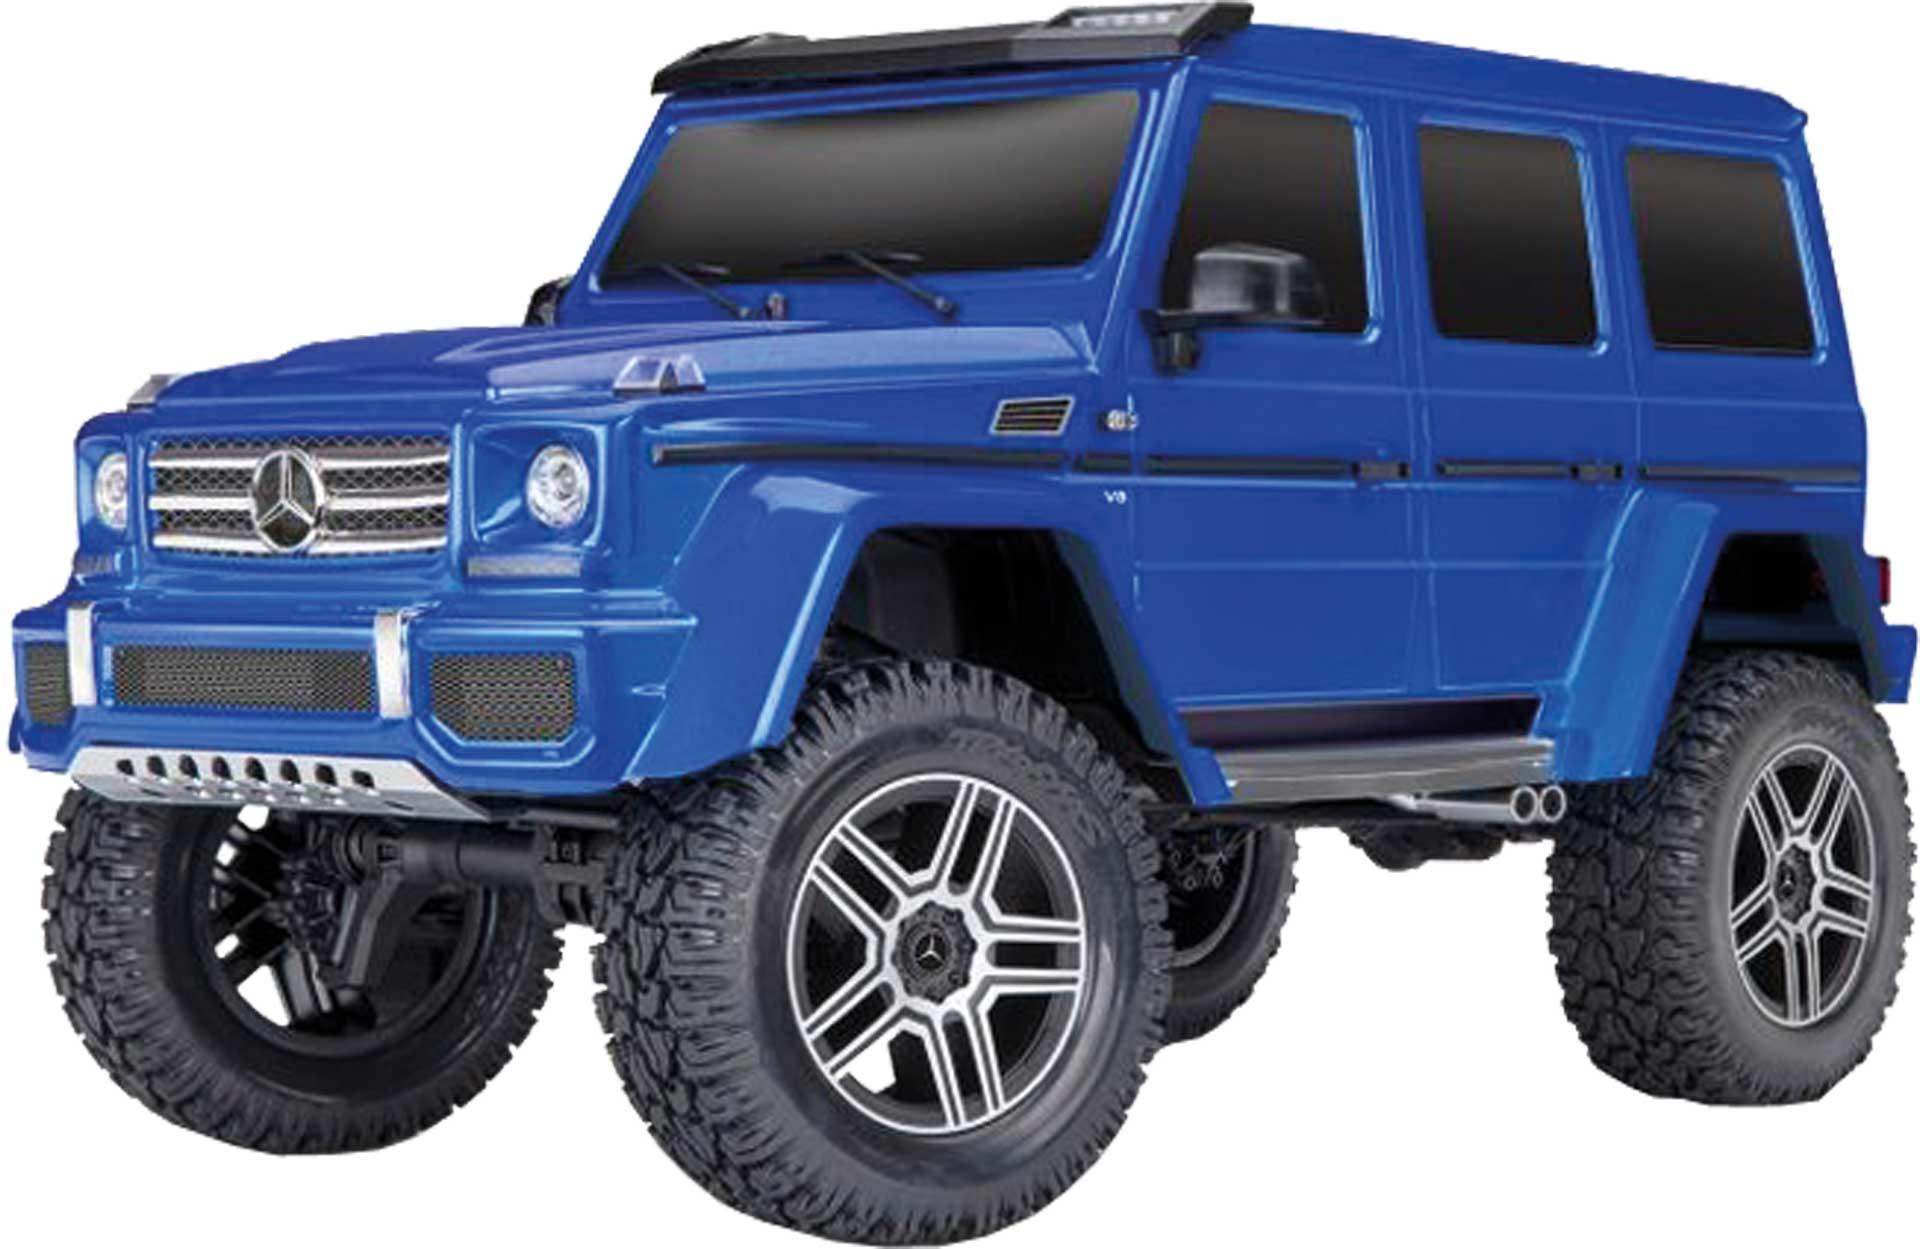 TRAXXAS TRX-4 MERCEDES G 4X4² RTR BLAU 1/10 OHNE AKKU / LADER 4WD SCALE CRAWLER BRUSHED